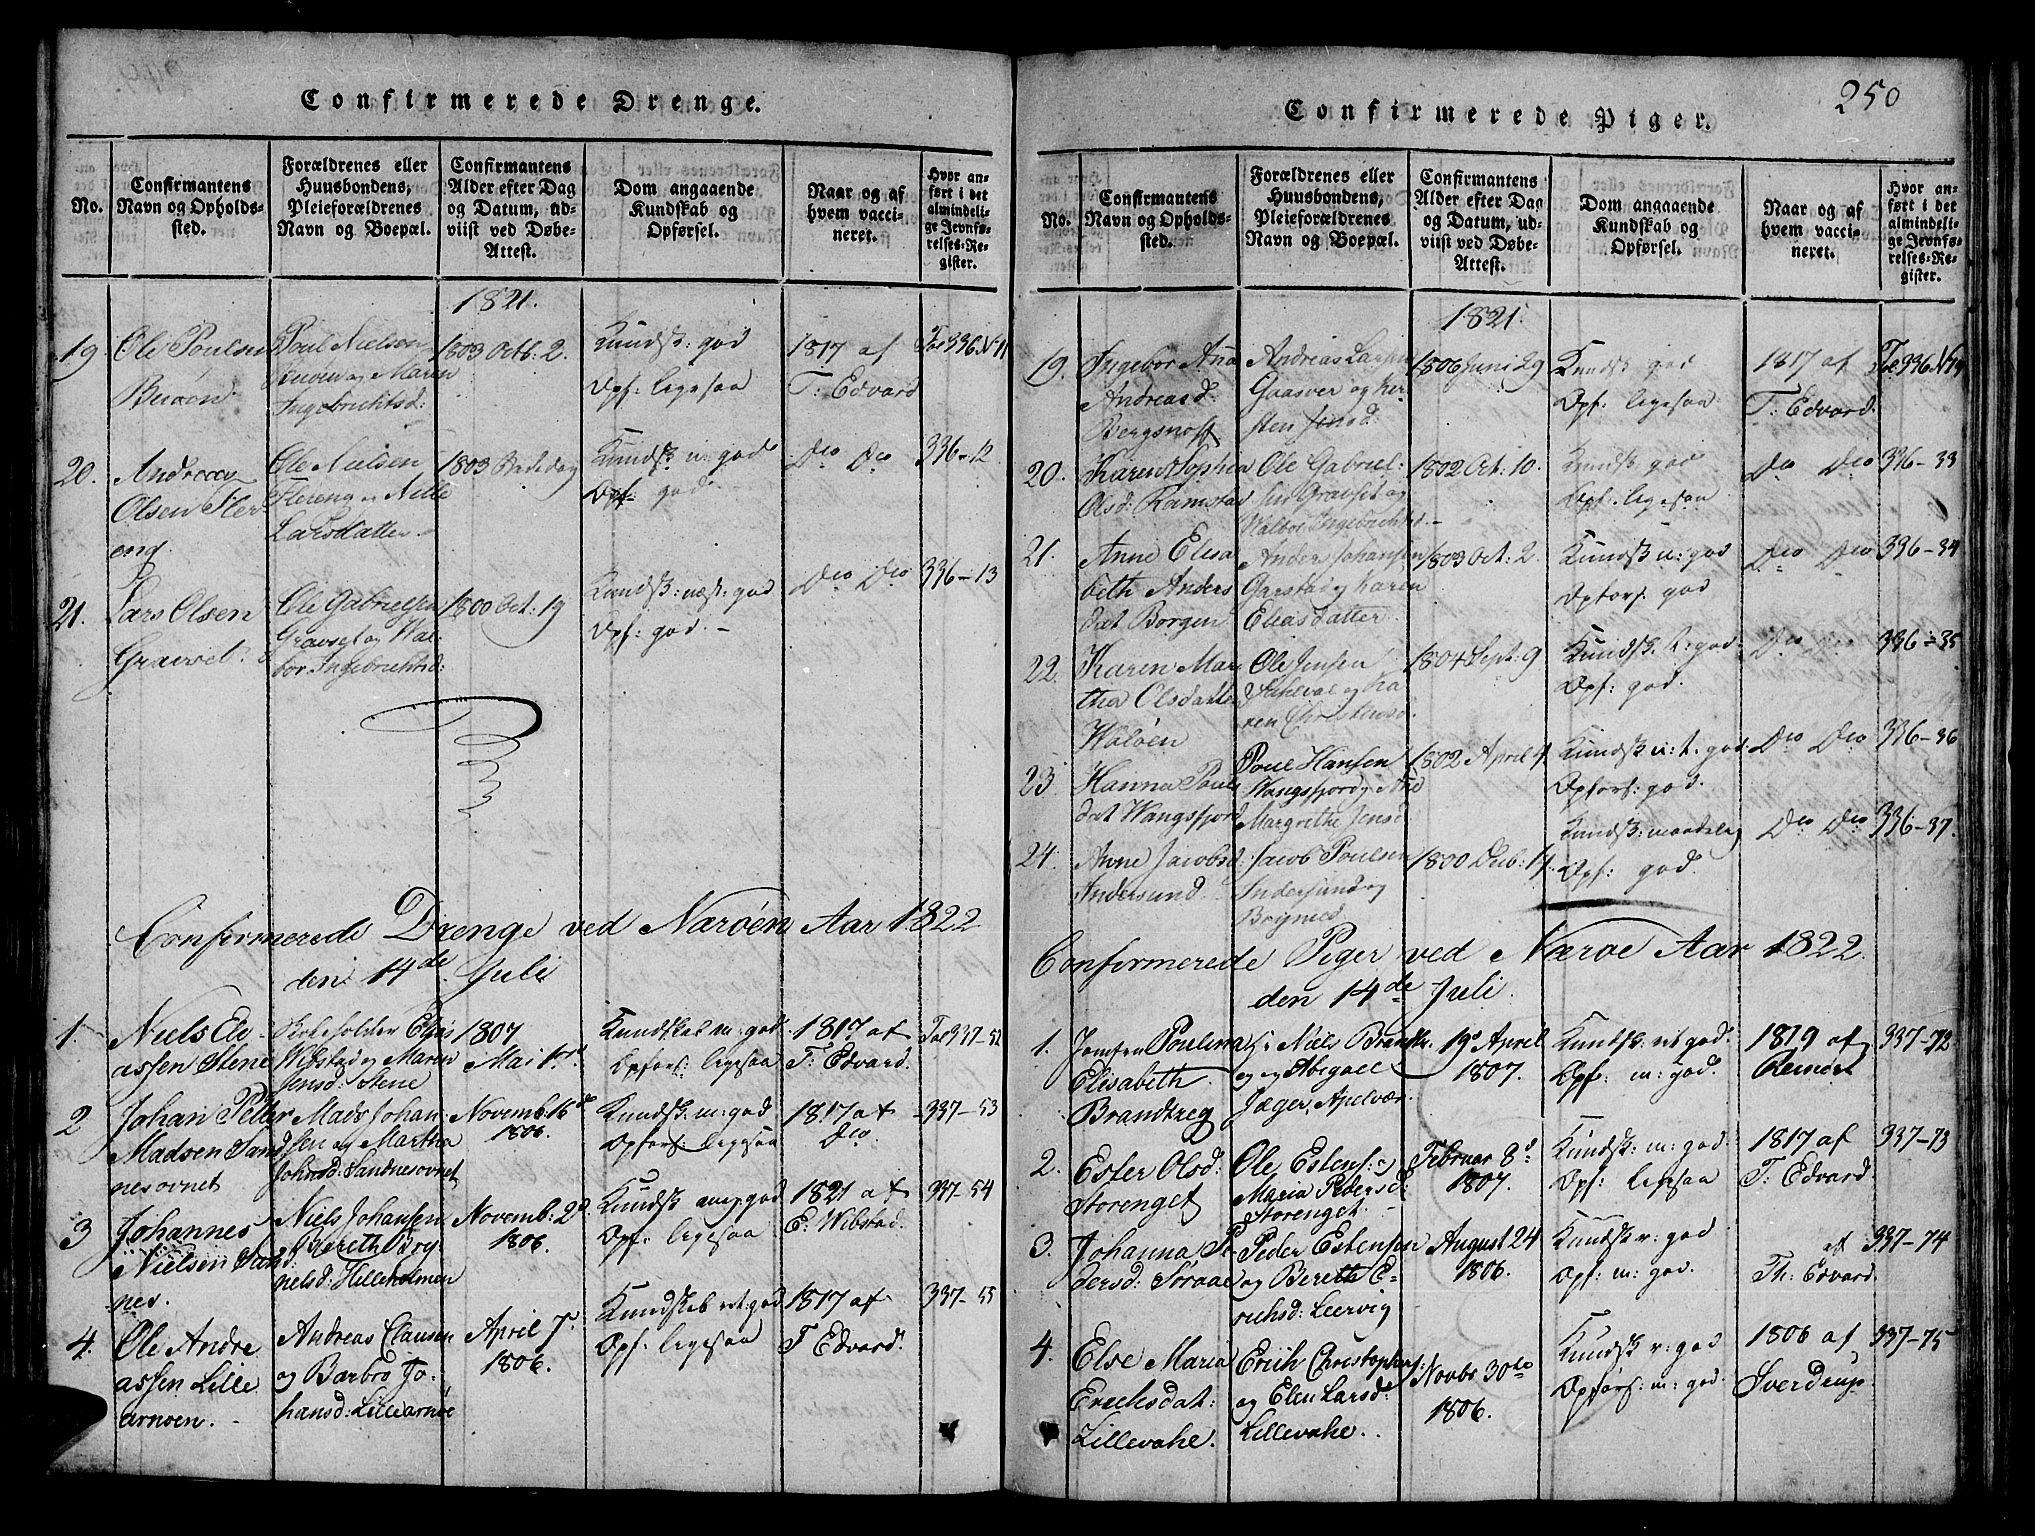 SAT, Ministerialprotokoller, klokkerbøker og fødselsregistre - Nord-Trøndelag, 784/L0667: Ministerialbok nr. 784A03 /1, 1816-1829, s. 250